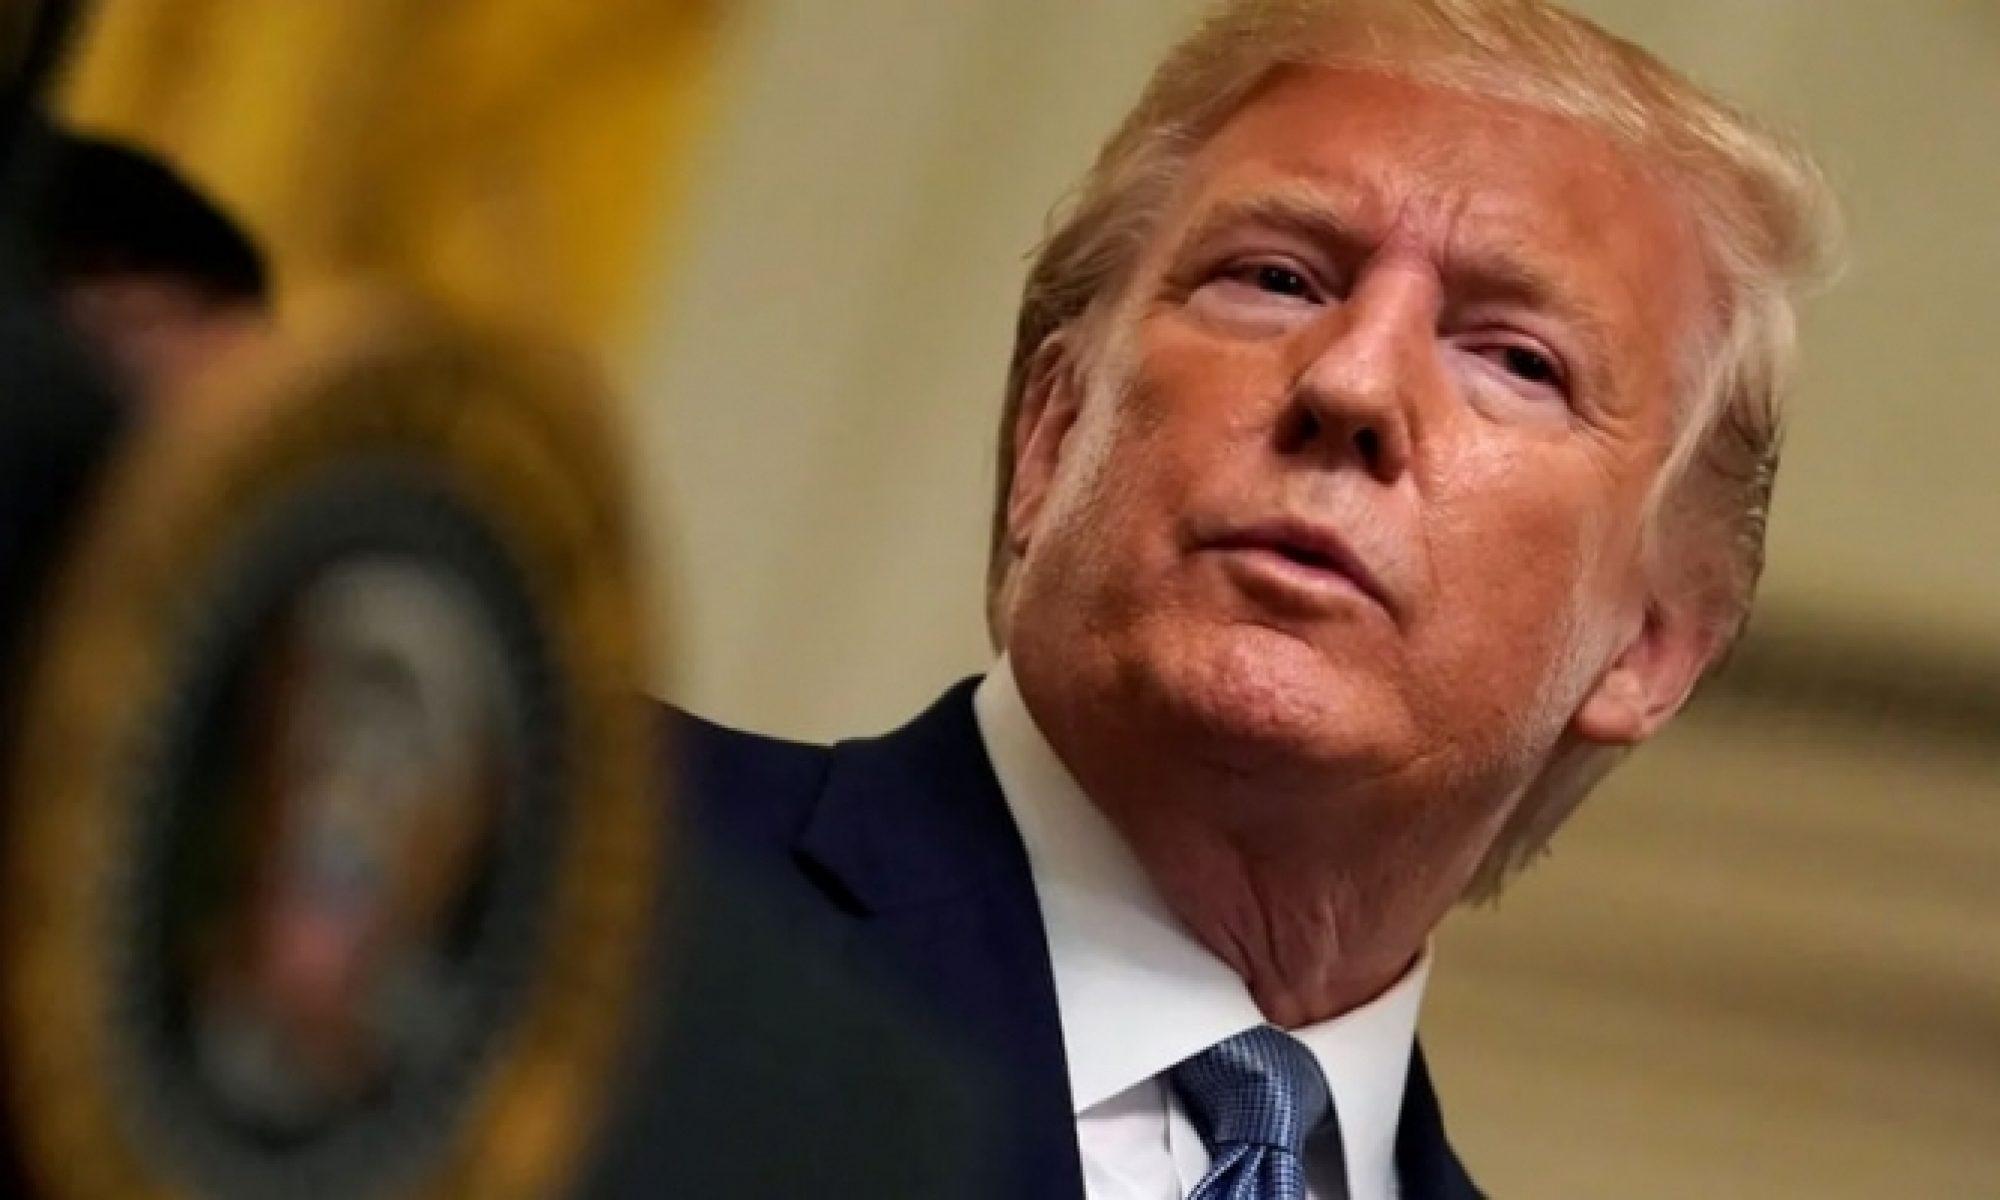 """Independent yazarı Cockburn yazdı: """"Trump'ın Suriye'deki Kürt Müttefiklerinin Etnik Temizliğini Sağlayan En Büyük Suçu Unutulmamalı"""" Efrin, Afrin, Kürdistan, Biden, Erdoğan, Türkiye, Zeytin Dalı operasyonu"""